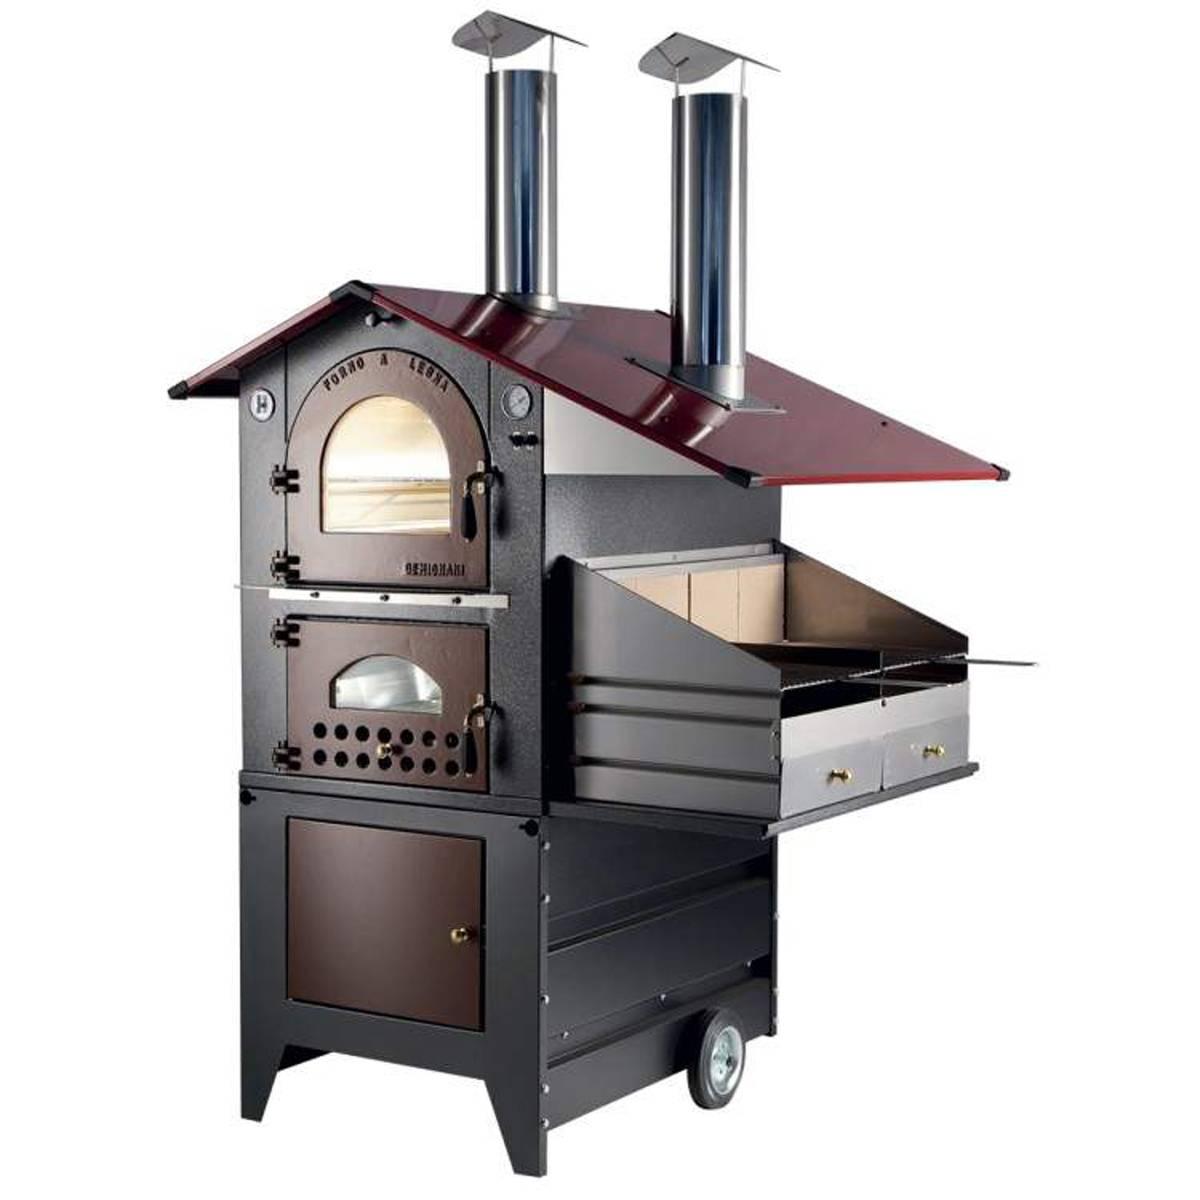 Forno a legna gemignani a fuoco indiretto da esterno mod g95 barbecue quaranta store - Forno a legna per esterno ...